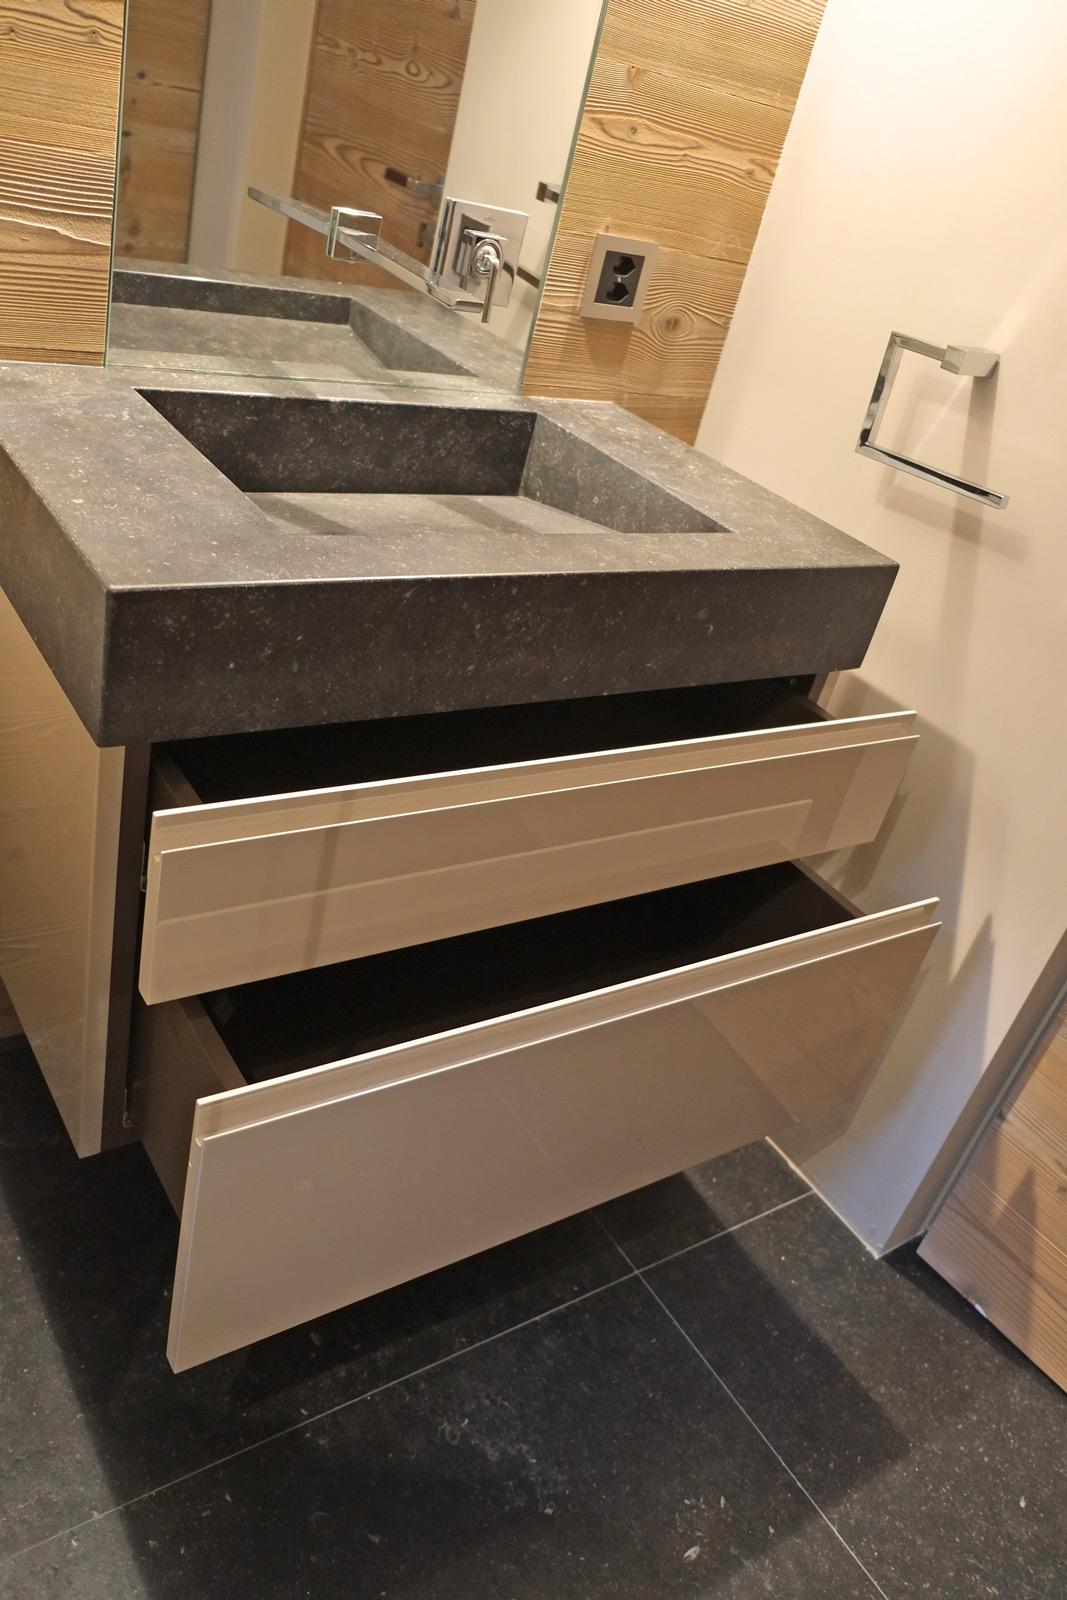 Meuble suspendu avec tiroirs entre-ouverts